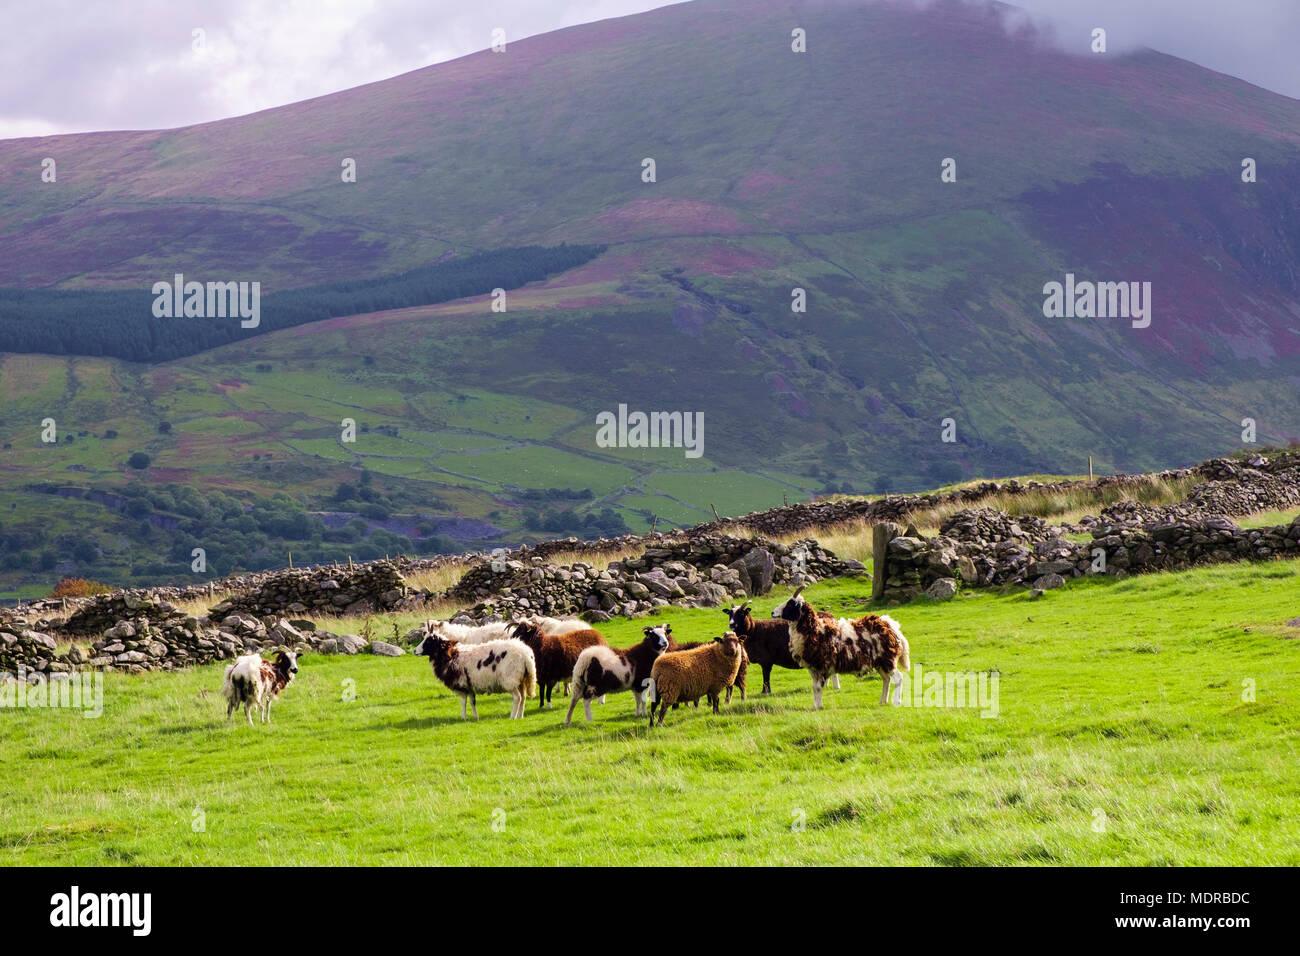 Un rebaño de ovejas Jacobs de raza rara en un campo en Moel Smytho en las colinas del Parque Nacional de Snowdonia cerca de Waunfawr, Gwynedd, Gales, Reino Unido, Gran Bretaña Foto de stock